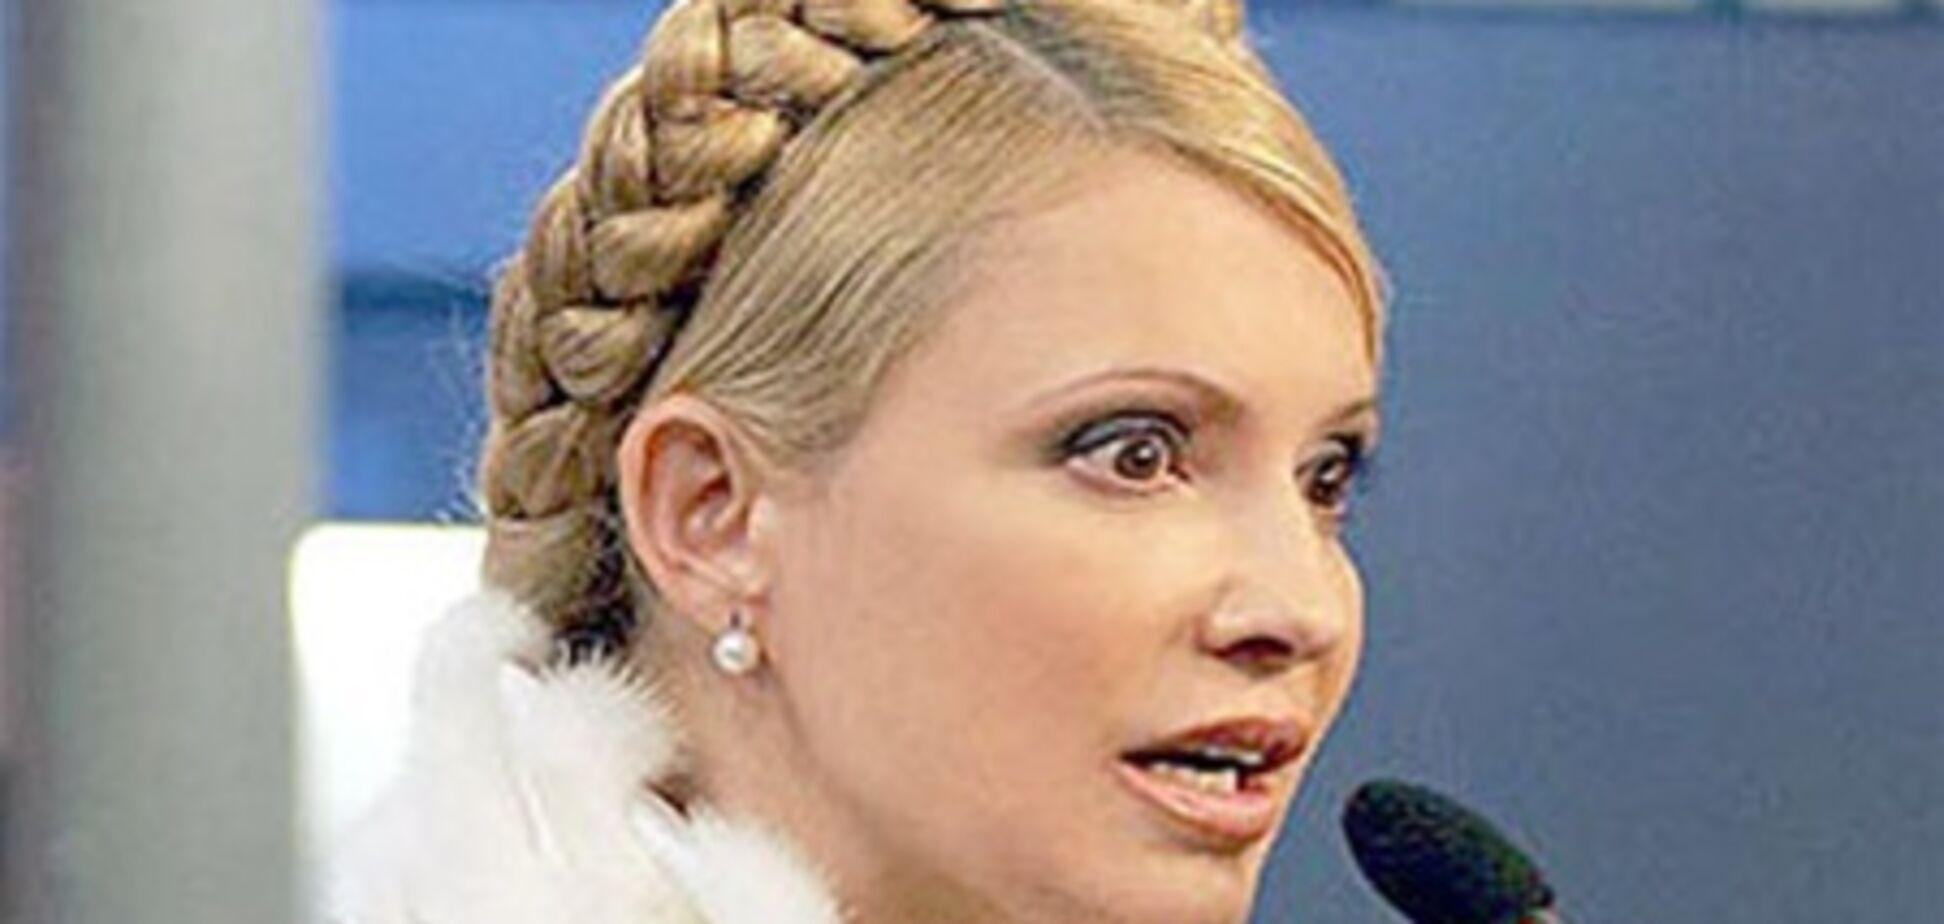 Тимошенко и психотехнологии обработки людей. Ч.2